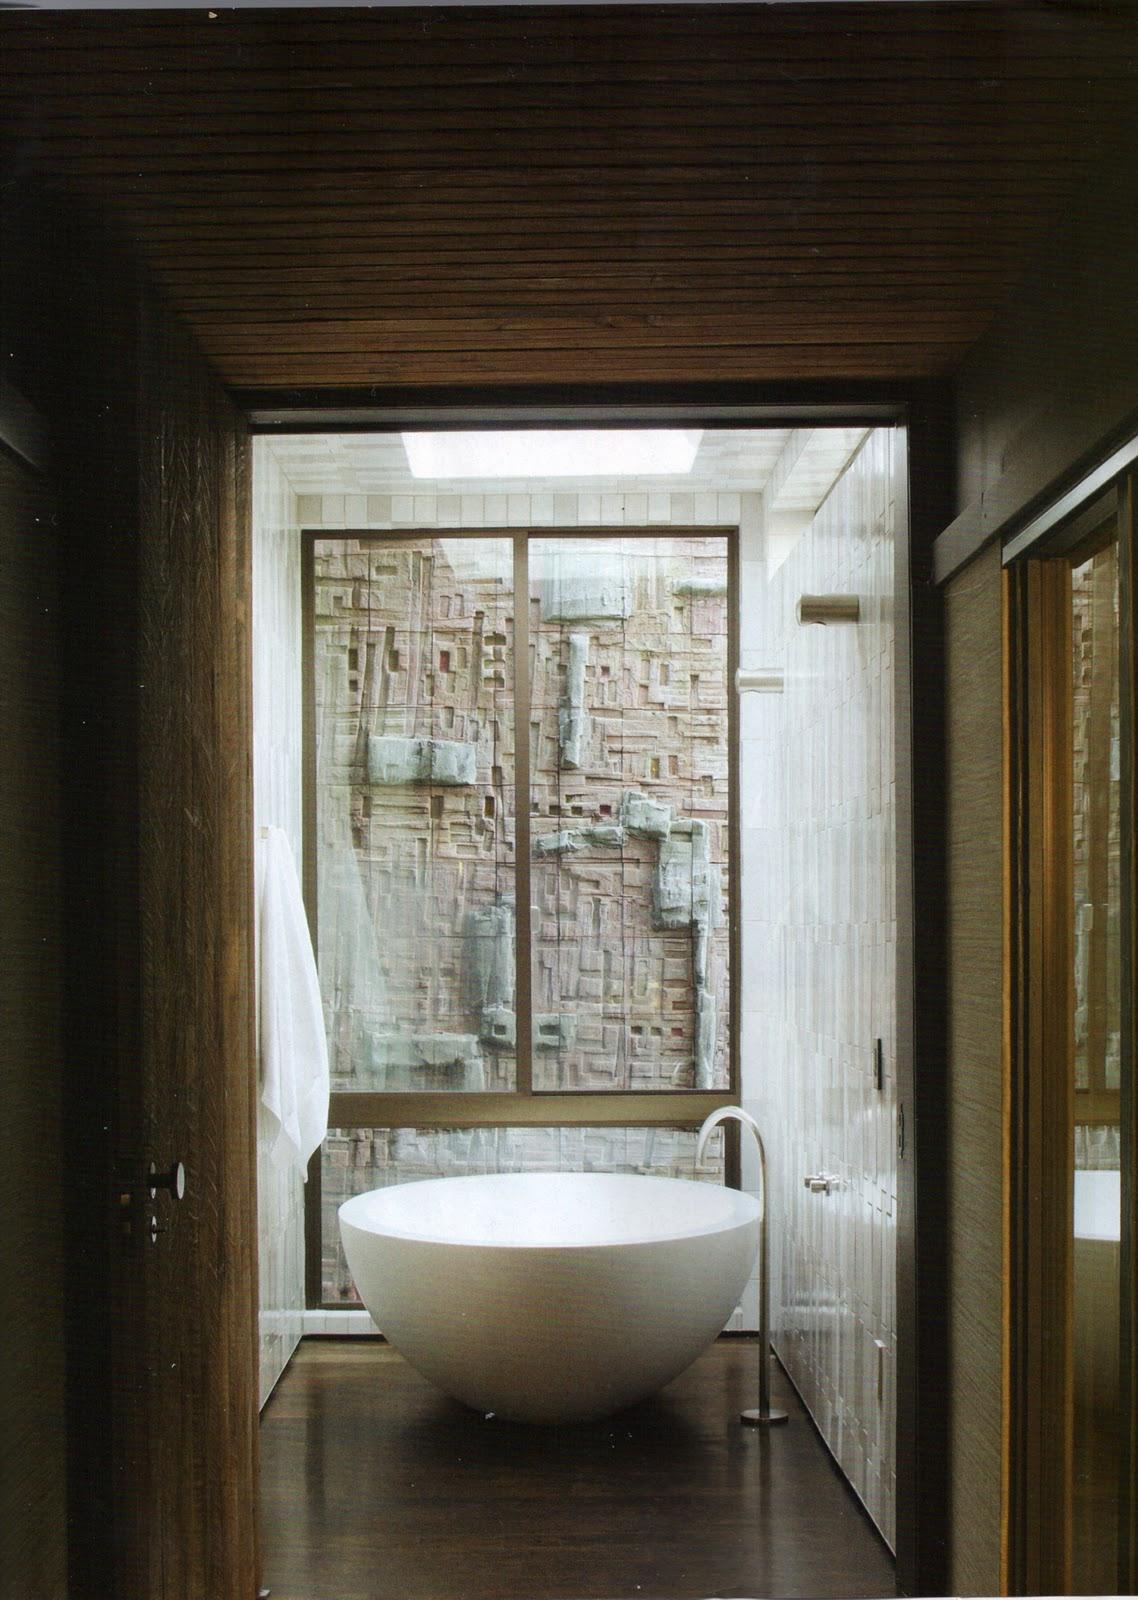 Us Interior Designs Jacques Grange: US Interior Designs: COMMUNE IN LOS ANGELES